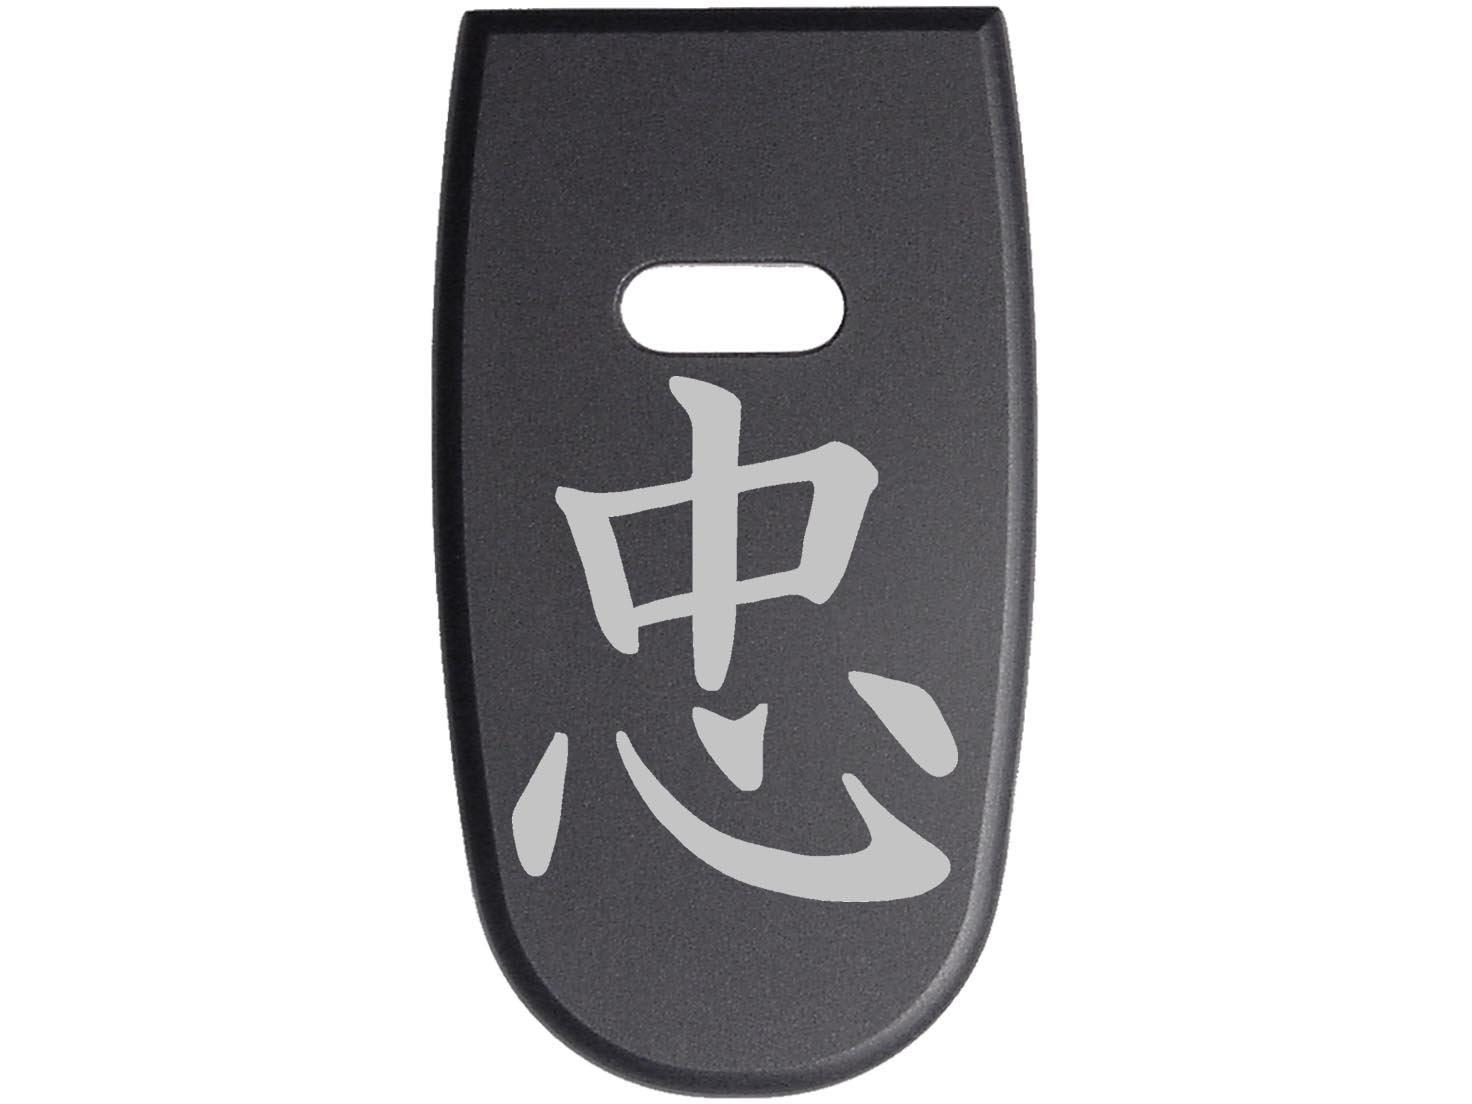 Buy For Sw Mp Shield 45 Aluminum Floor Base Plate Black Custom